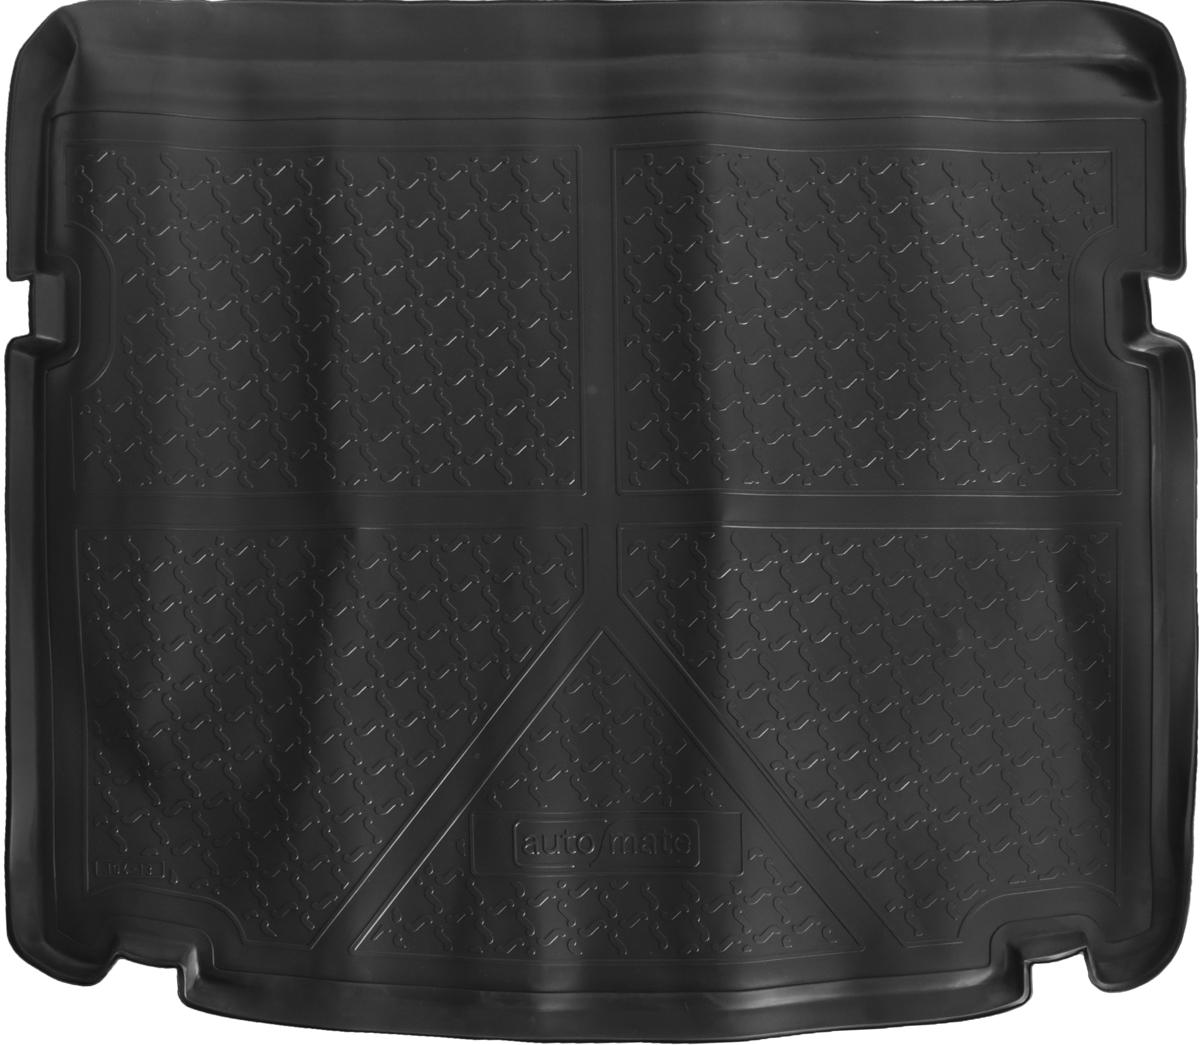 Коврик багажника Rival для Chevrolet Cruze (SD)2009-, полиуретан21395598Коврик багажника Rival позволяет надежно защитить и сохранить от грязи багажный отсек вашего автомобиля на протяжении всего срока эксплуатации, полностью повторяют геометрию багажника.- Высокий борт специальной конструкции препятствует попаданию разлившейся жидкости и грязи на внутреннюю отделку.- Произведены из первичных материалов, в результате чего отсутствует неприятный запах в салоне автомобиля.- Рисунок обеспечивает противоскользящую поверхность, благодаря которой перевозимые предметы не перекатываются в багажном отделении, а остаются на своих местах.- Высокая эластичность, можно беспрепятственно эксплуатировать при температуре от -45 °C до +45 °C.- Изготовлены из высококачественного и экологичного материала, не подверженного воздействию кислот, щелочей и нефтепродуктов. Уважаемые клиенты!Обращаем ваше внимание,что коврик имеет формусоответствующую модели данного автомобиля. Фото служит для визуального восприятия товара.